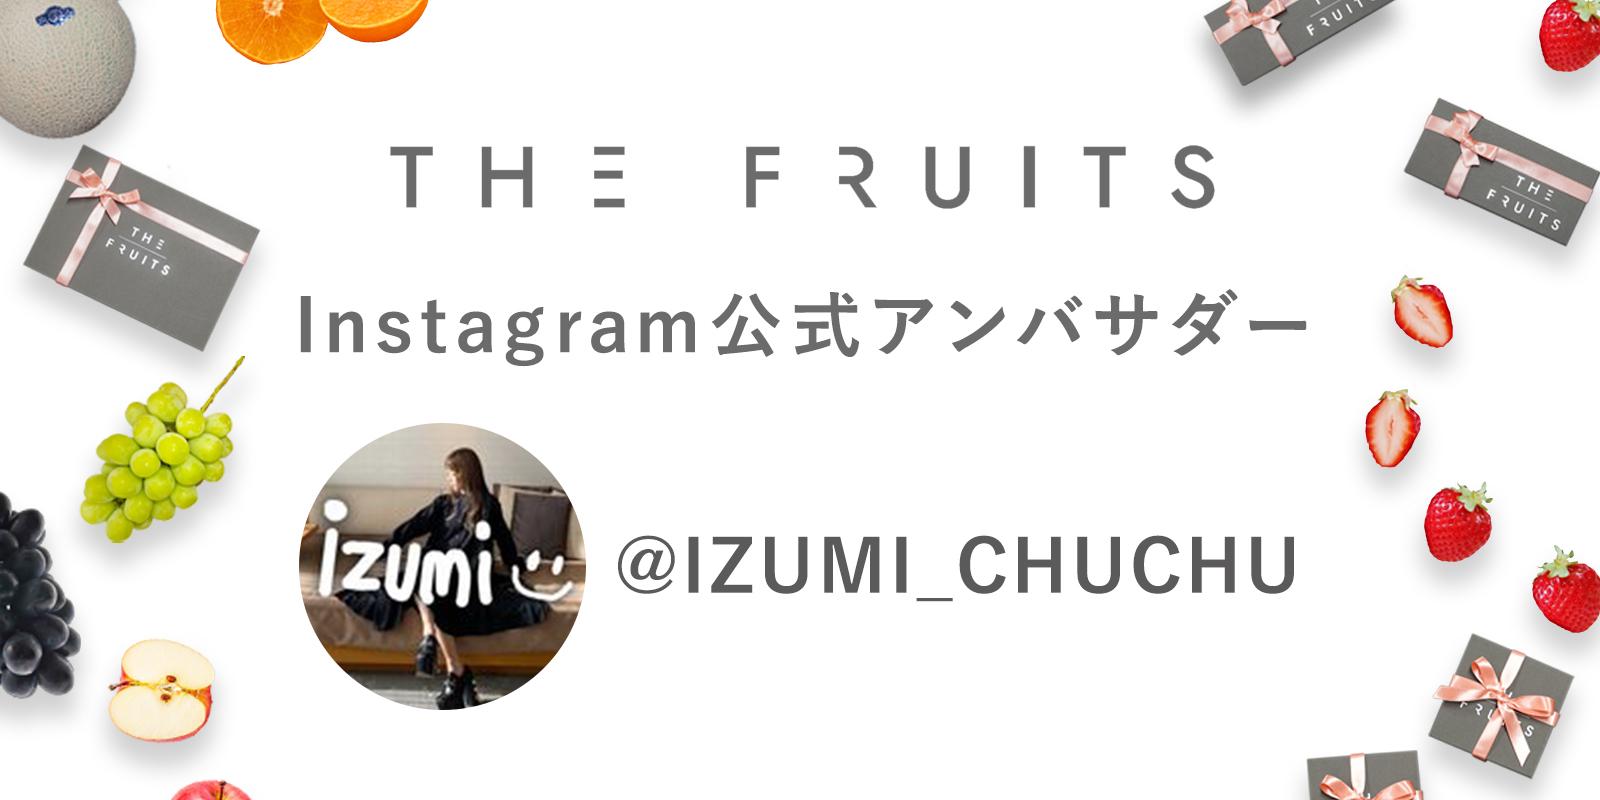 THE FRUITS公式アンバサダー就任のお知らせ @izumi_chuchuのイメージ